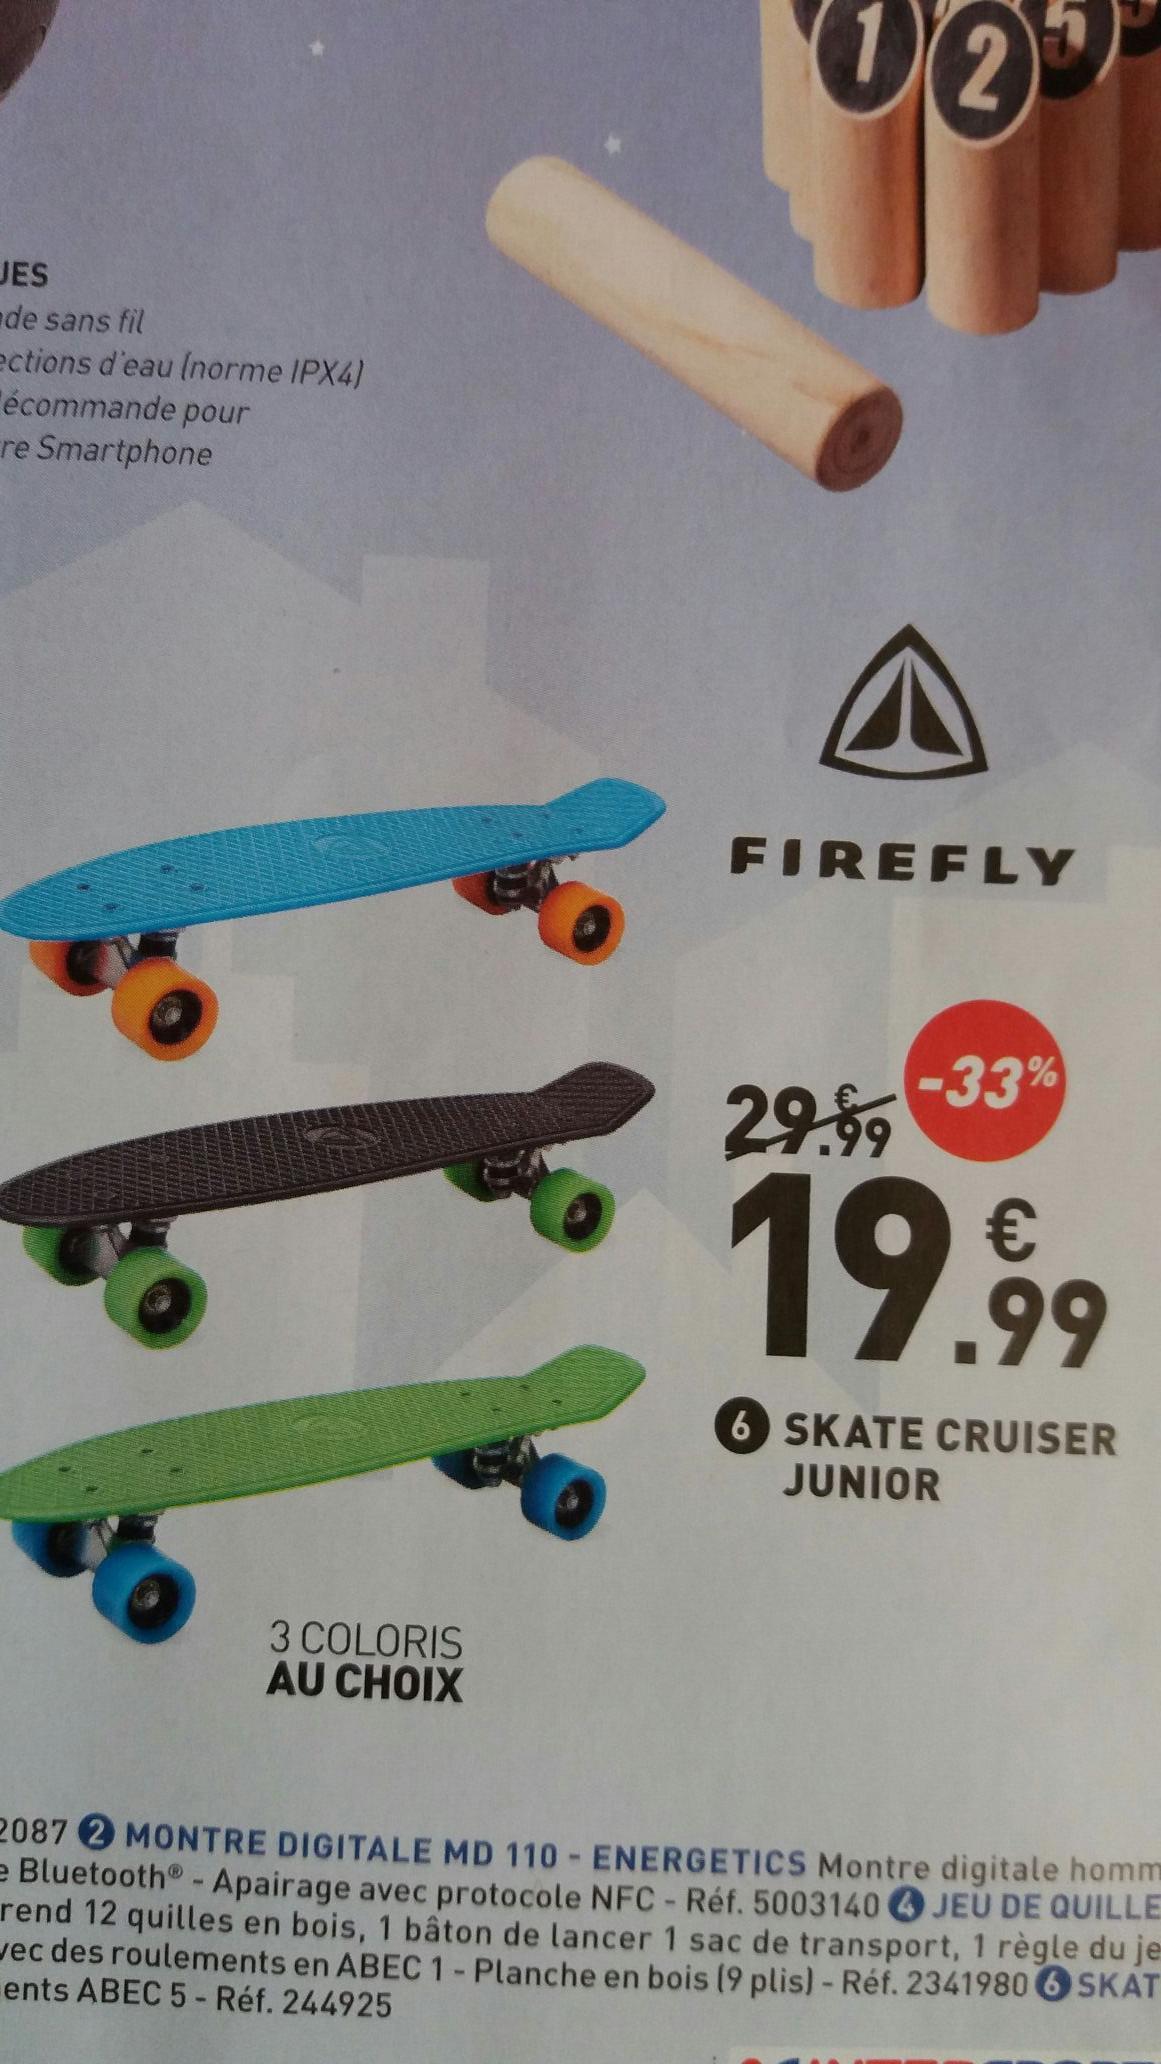 Skateboard Cruser Firefly Junior